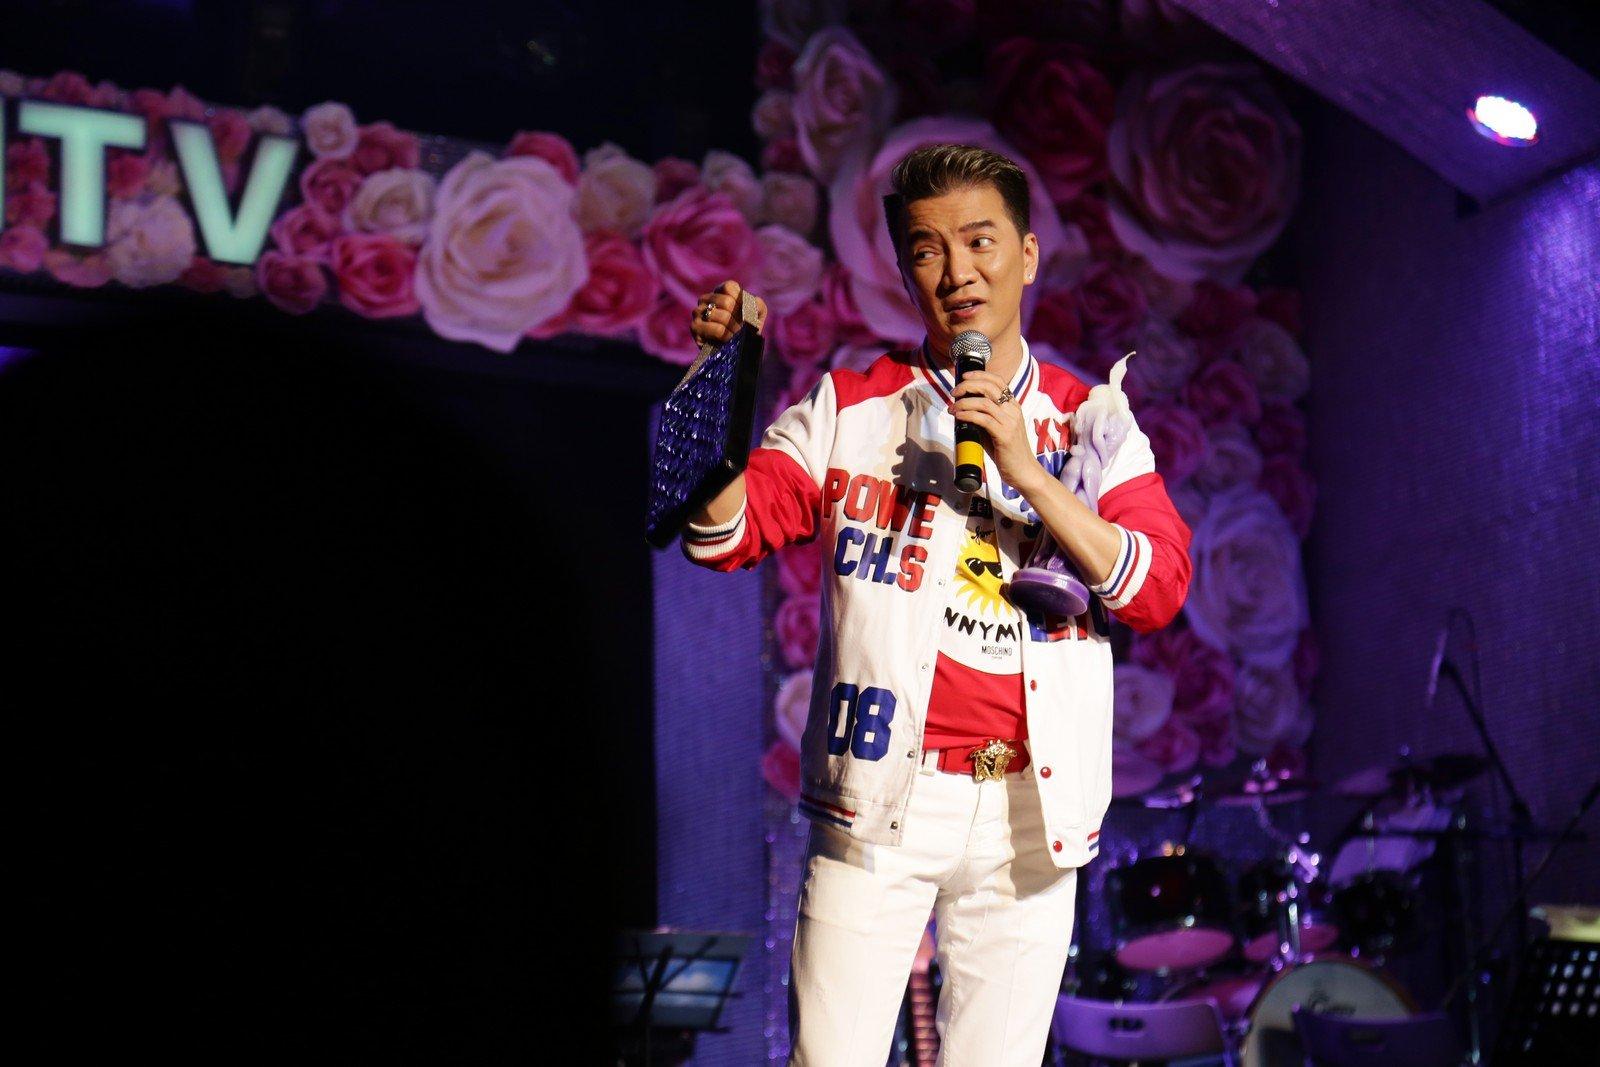 """Mr Đàm quyên góp được 739 triệu đồng trong đêm nhạc """"Trái Tim Miền Trung"""" 3"""